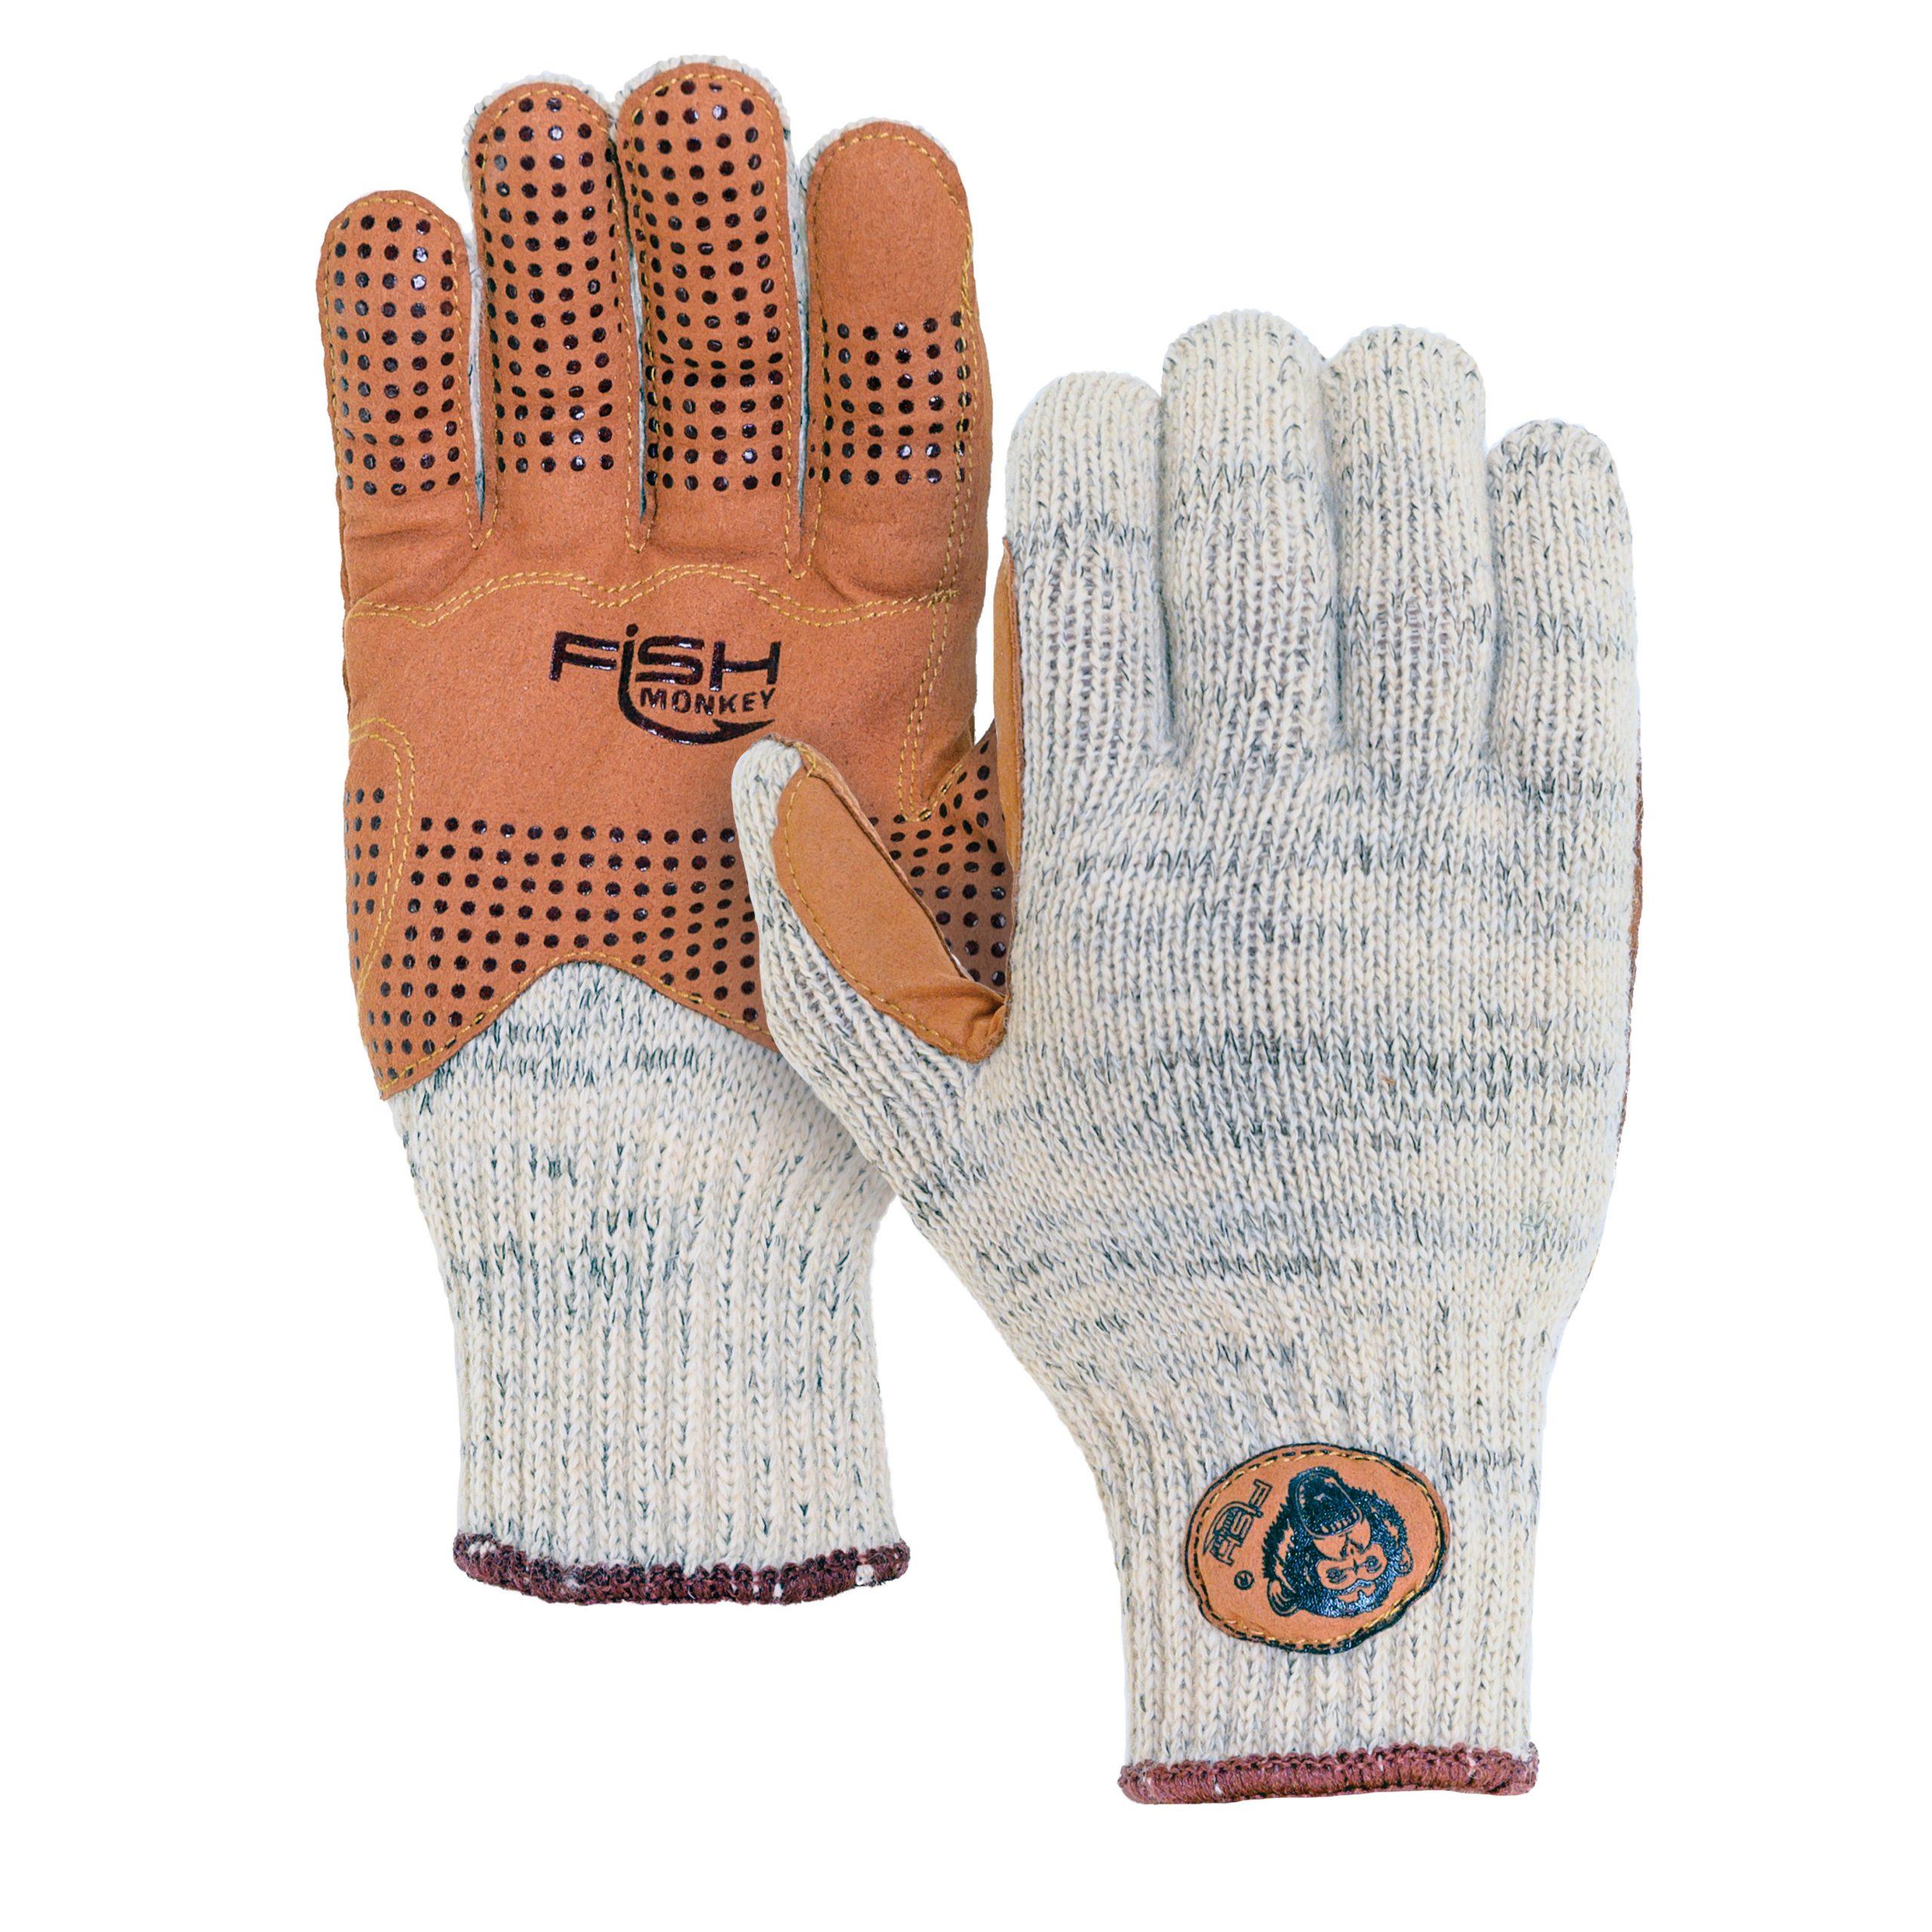 Fish Monkey Wooly Full Finger Gloves